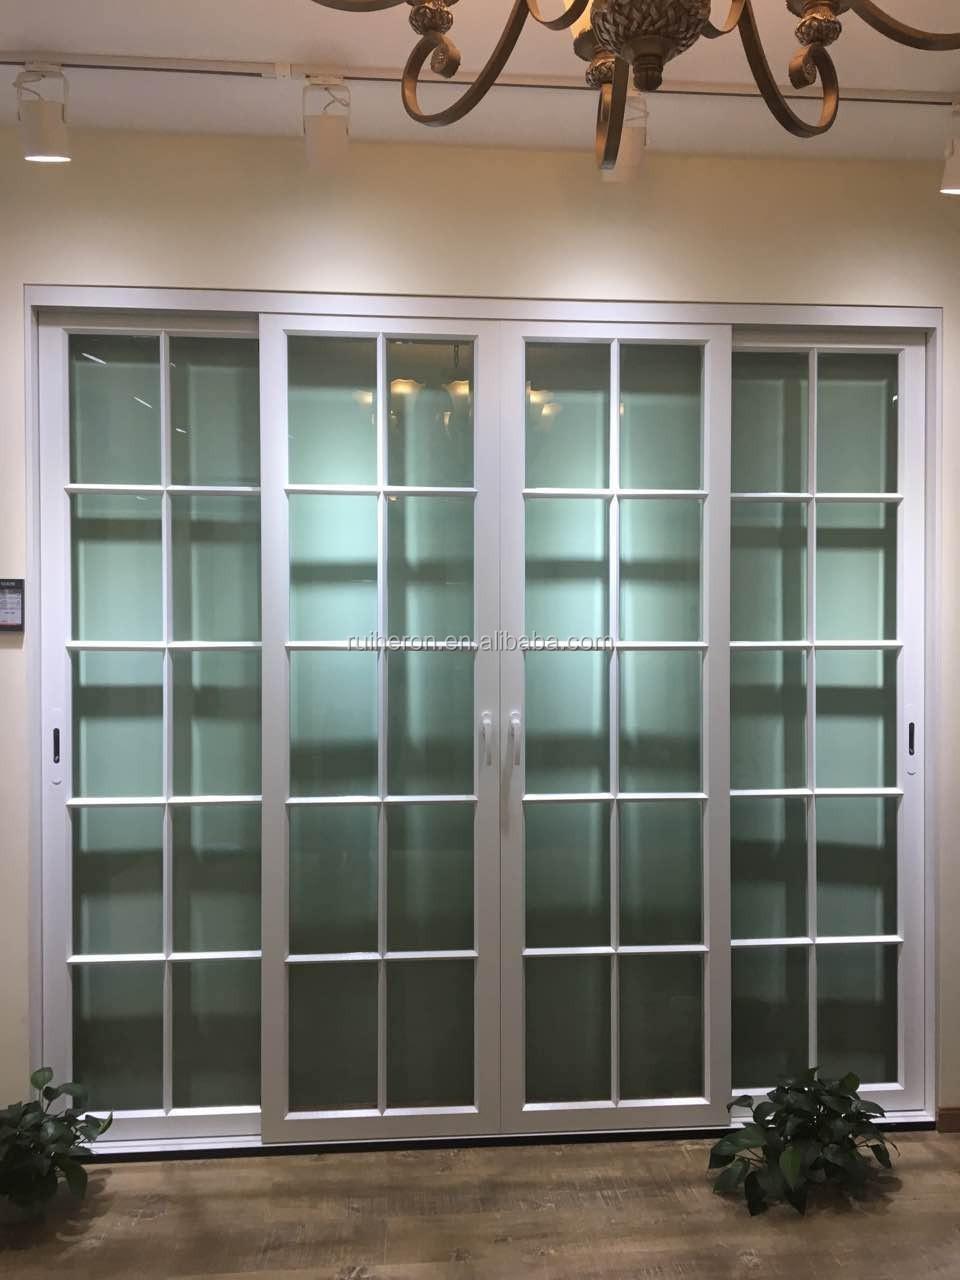 100 Replacement Sliding Patio Doors Door Lowes Security Endura Pet Door Amazon Com